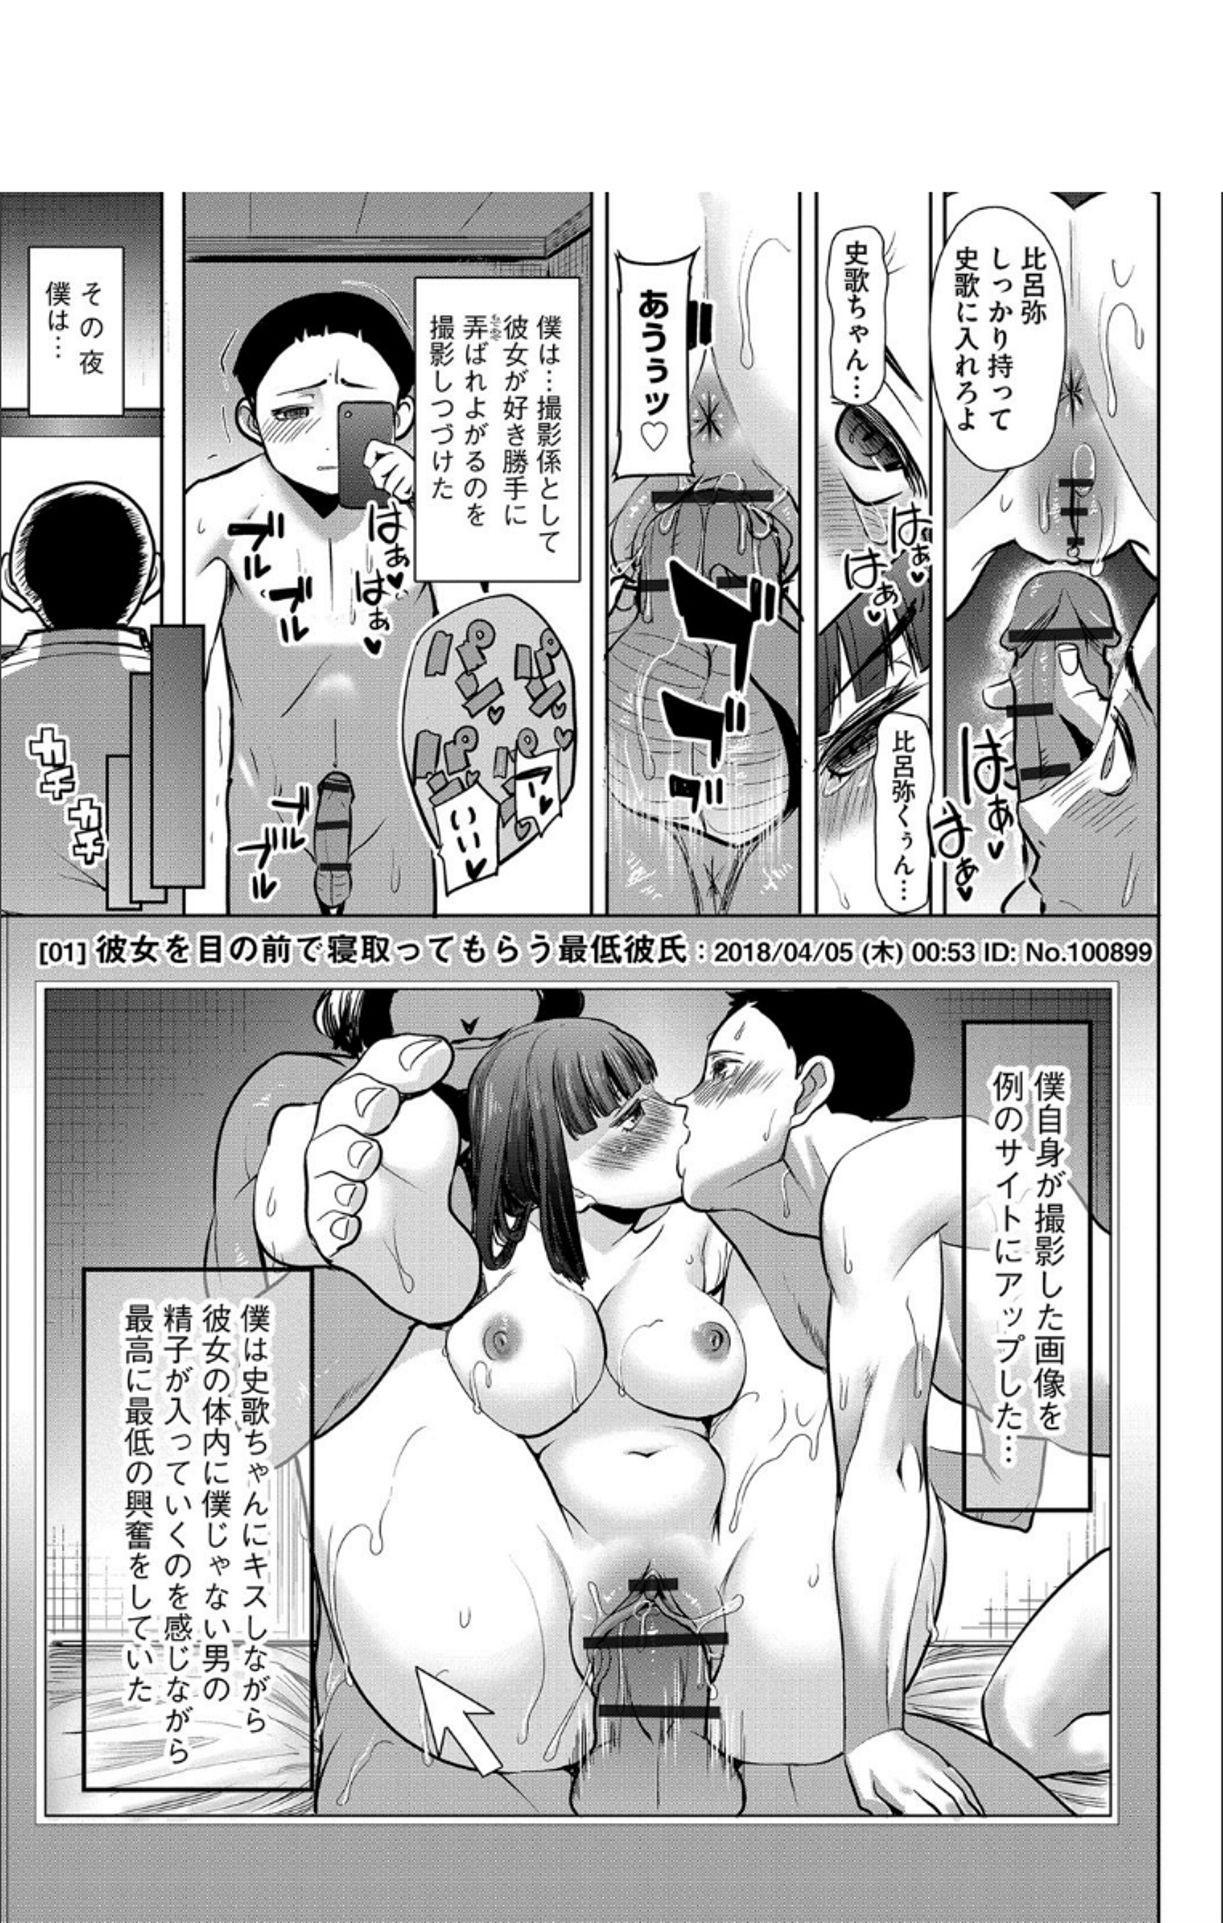 Boku no Kazoku o Sarashimasu + DMM Gentei Tokuten Paper 231